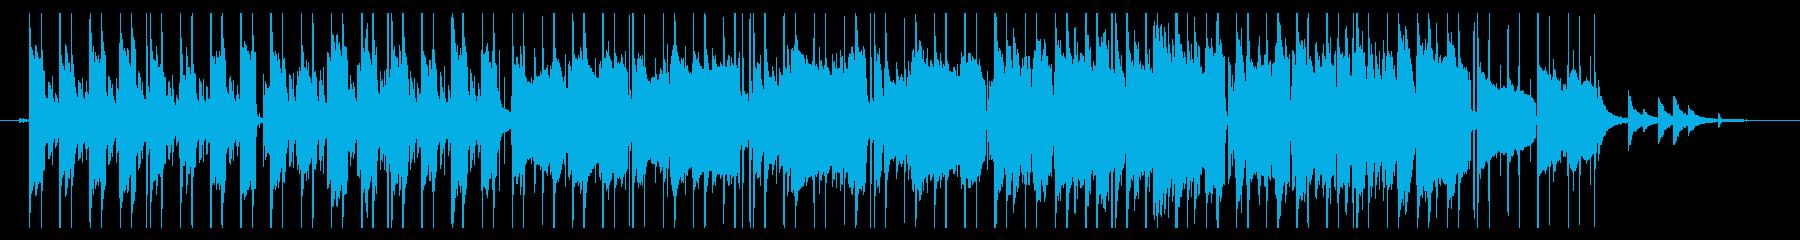 ローファイ&チル系 ピアノ曲 シンプルの再生済みの波形